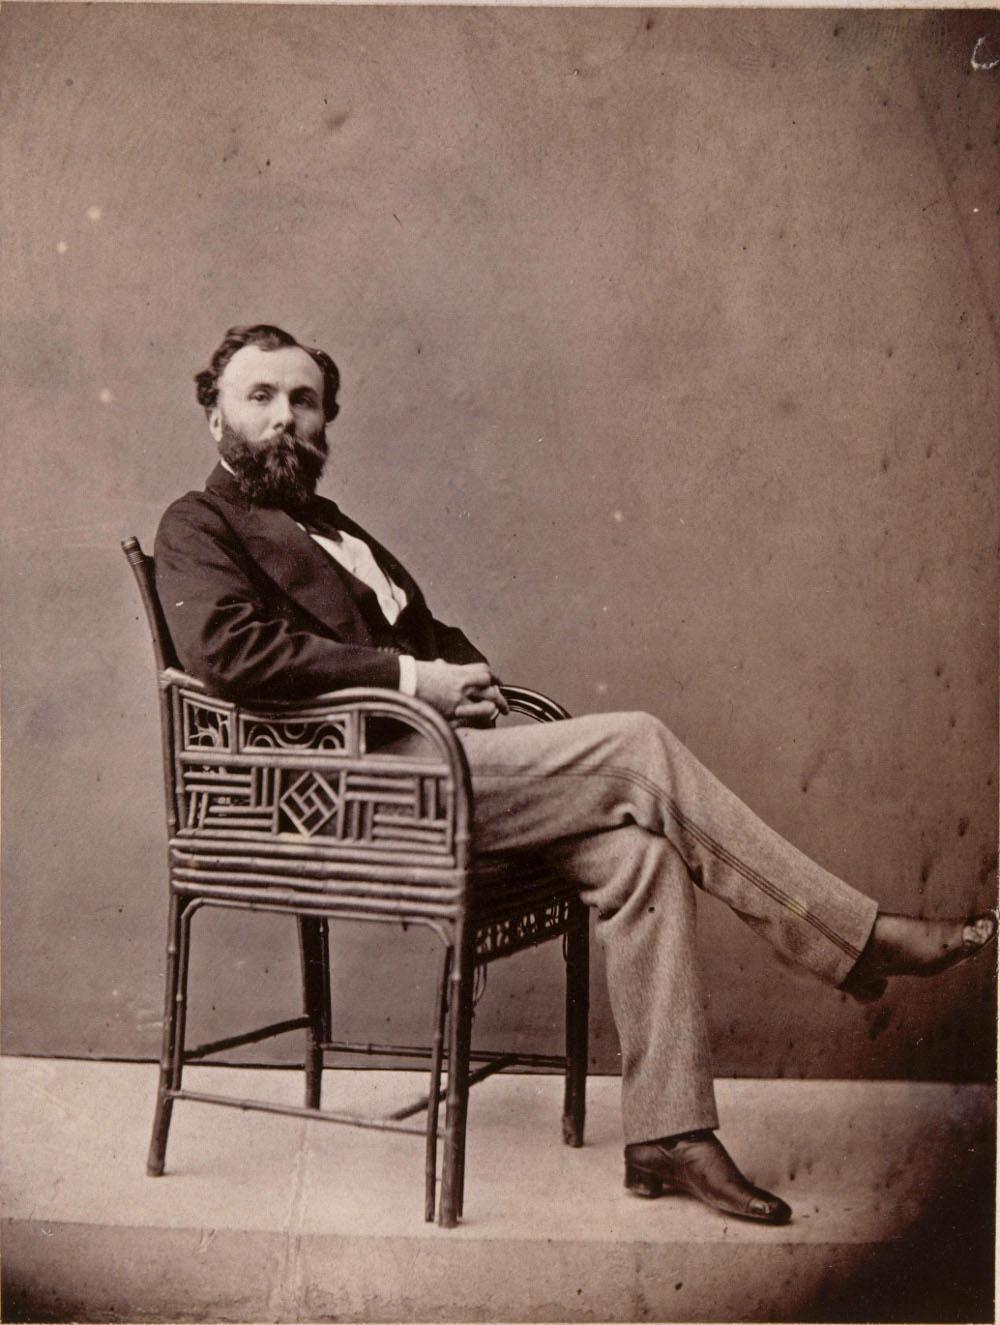 Portrait photographique de Gustave Moreau